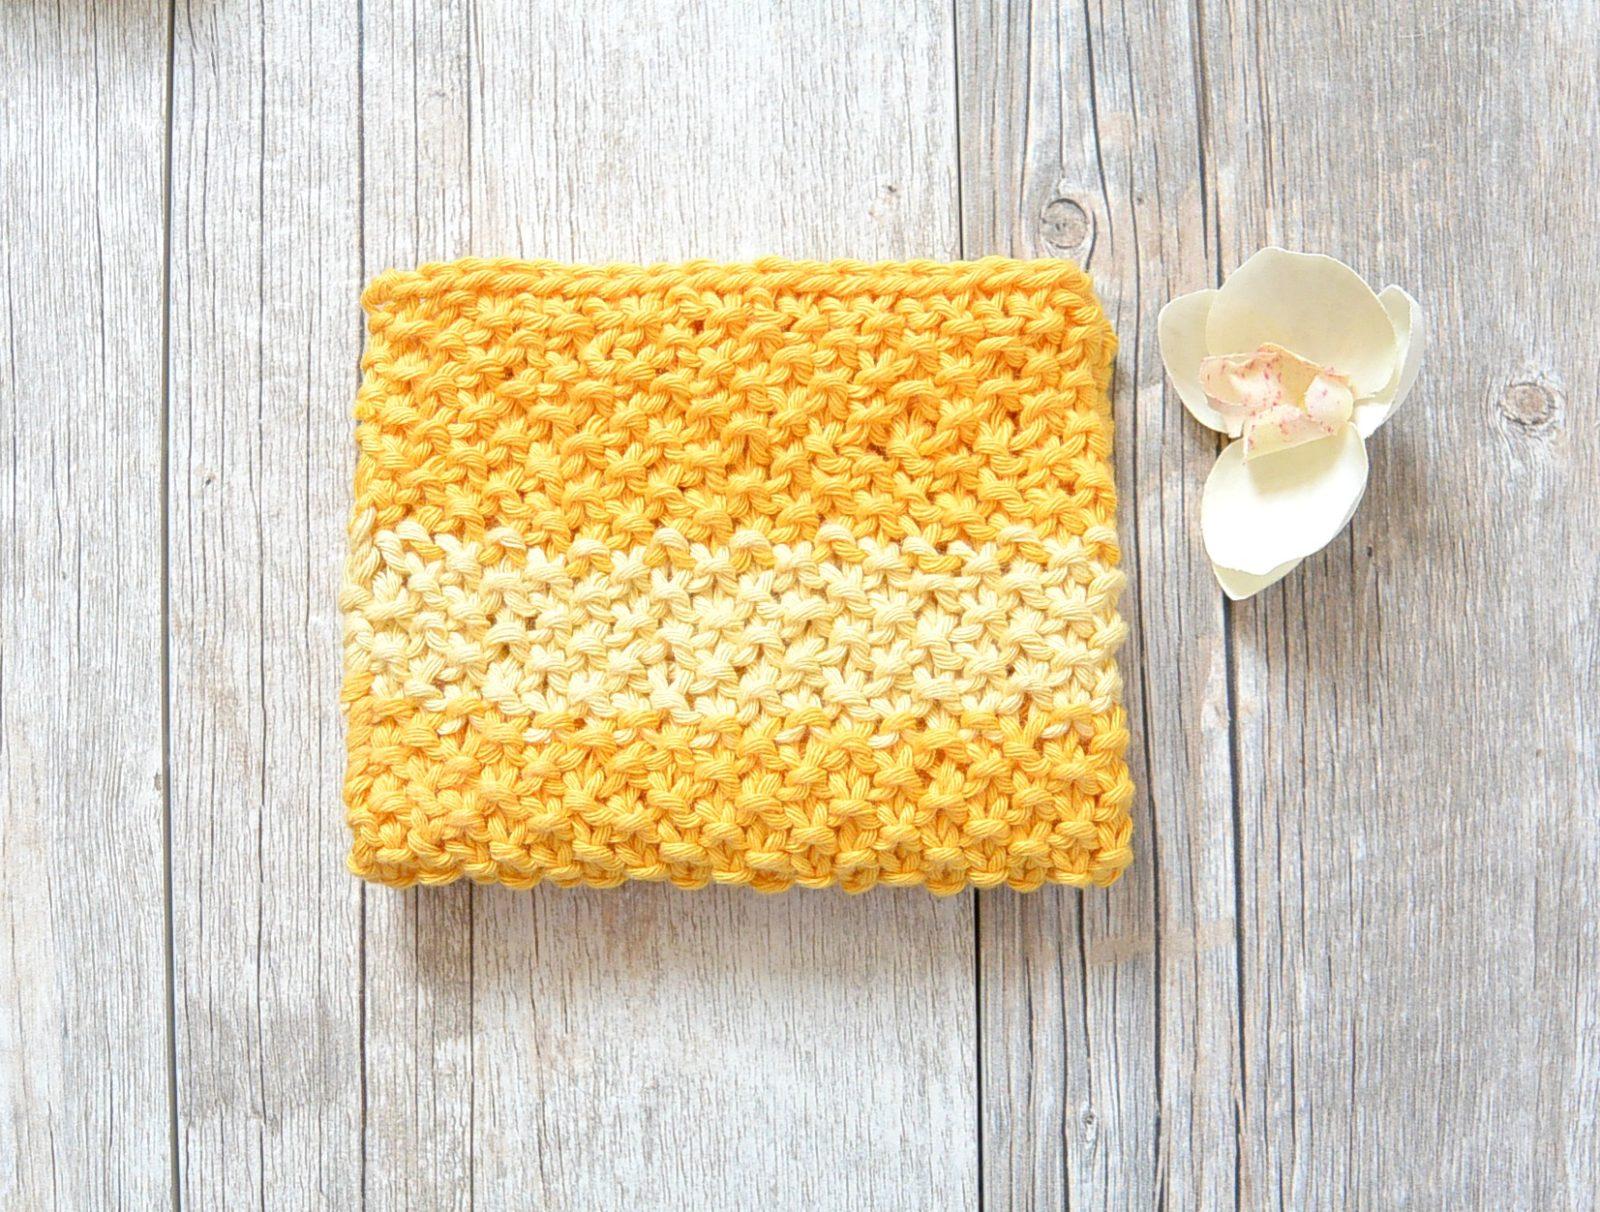 Knit Washcloth Patterns Easy Knit Waschloth Pattern Sunshine Washcloth Mama In A Stitch